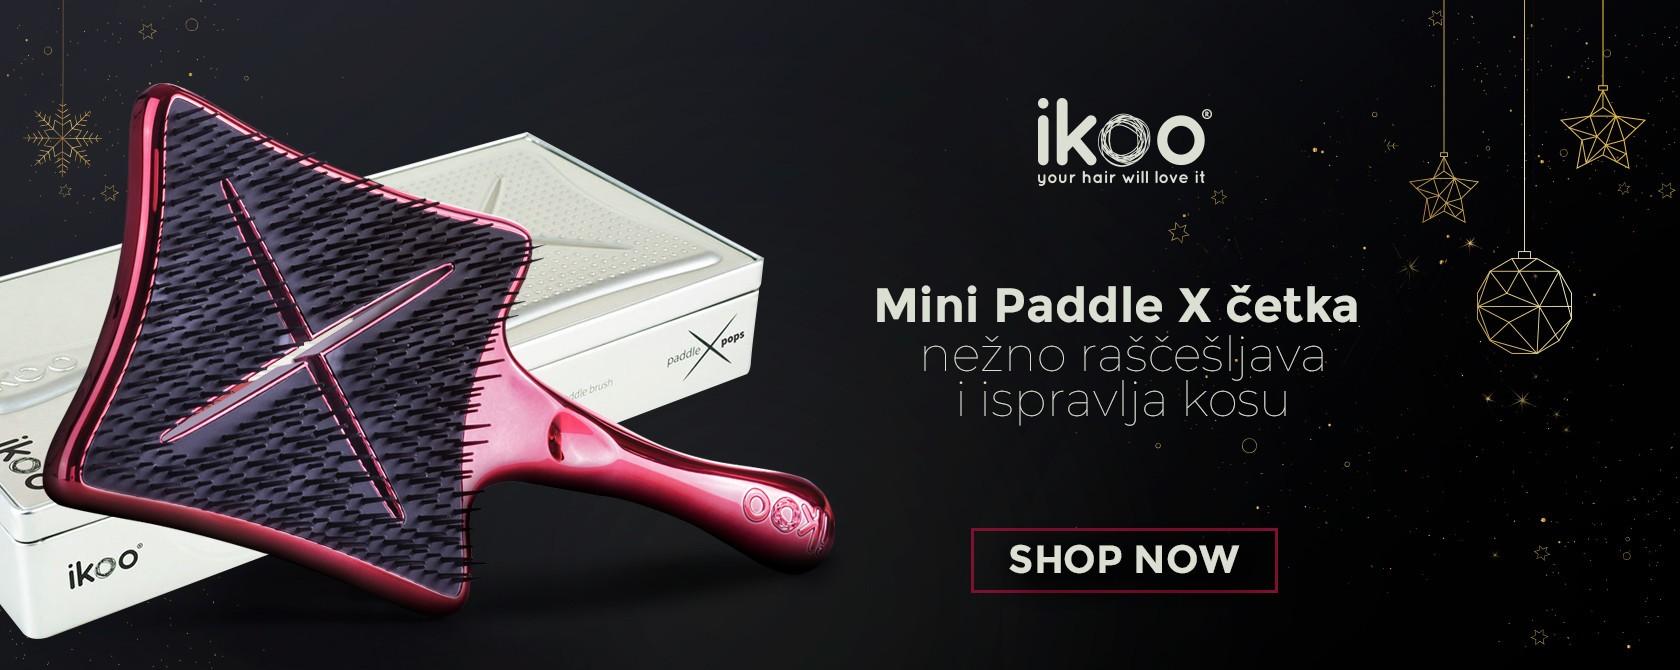 IKOO Padleee